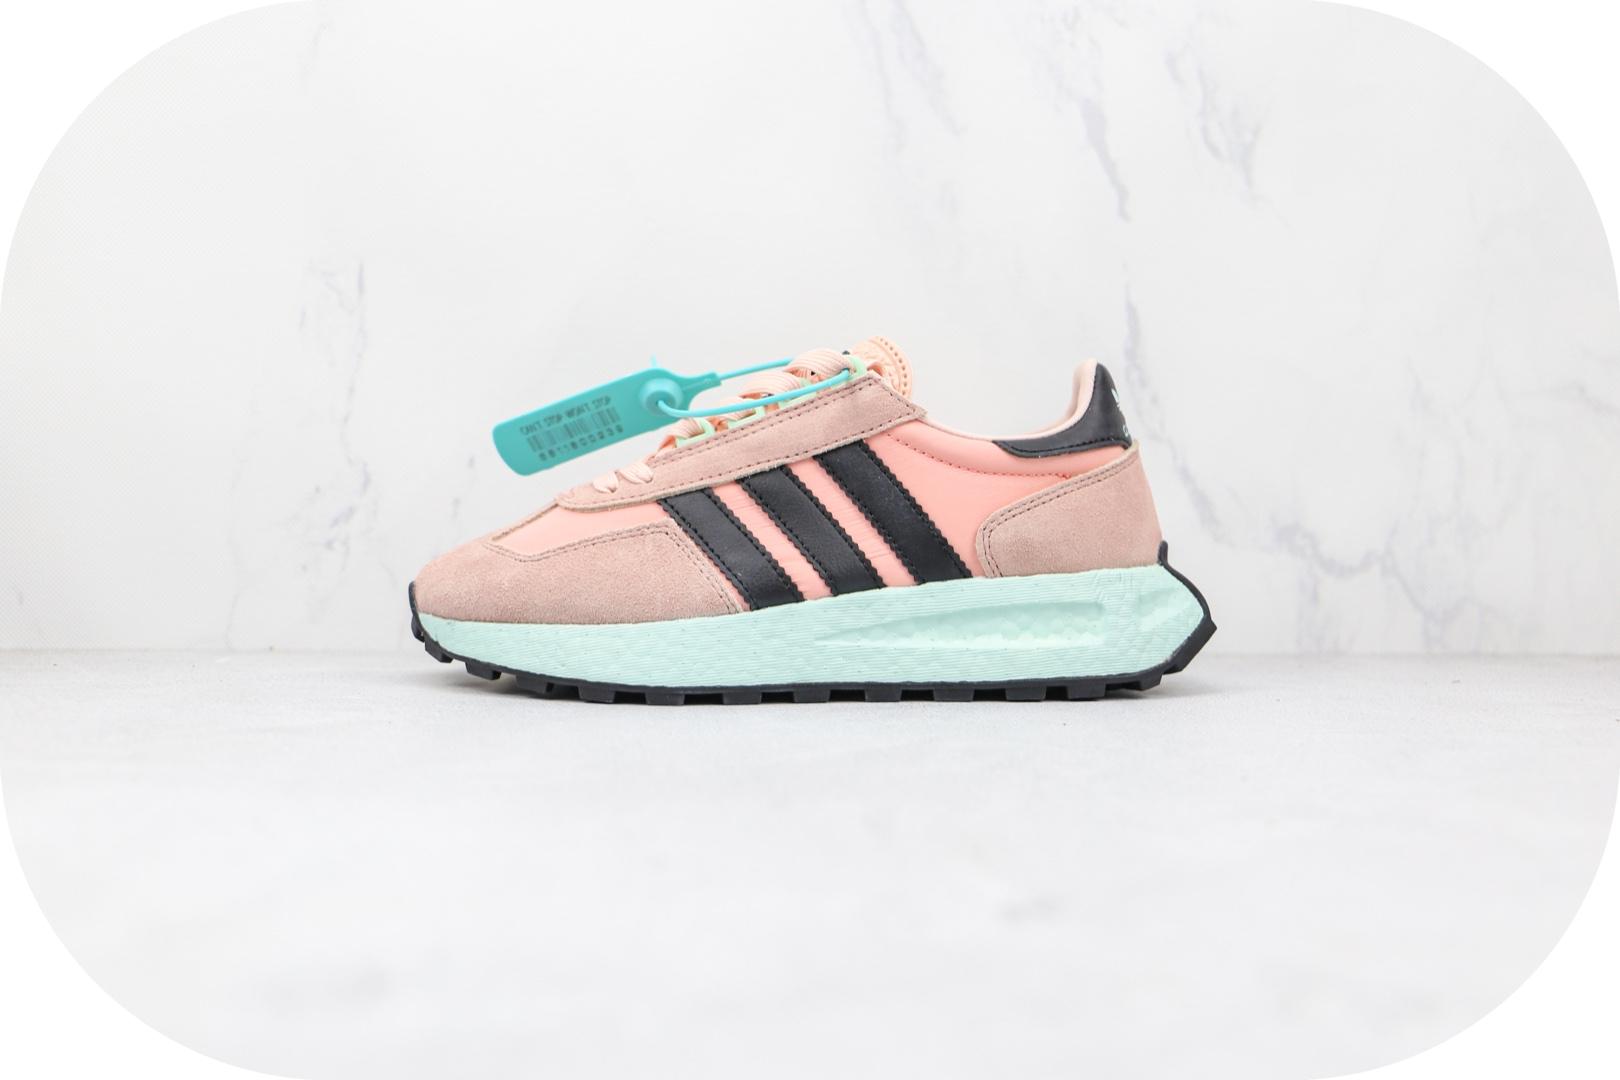 阿迪达斯Adidas RETROPY E5纯原版本三叶草粉色厚底爆米花跑鞋原鞋开模一比一打造 货号:H03078